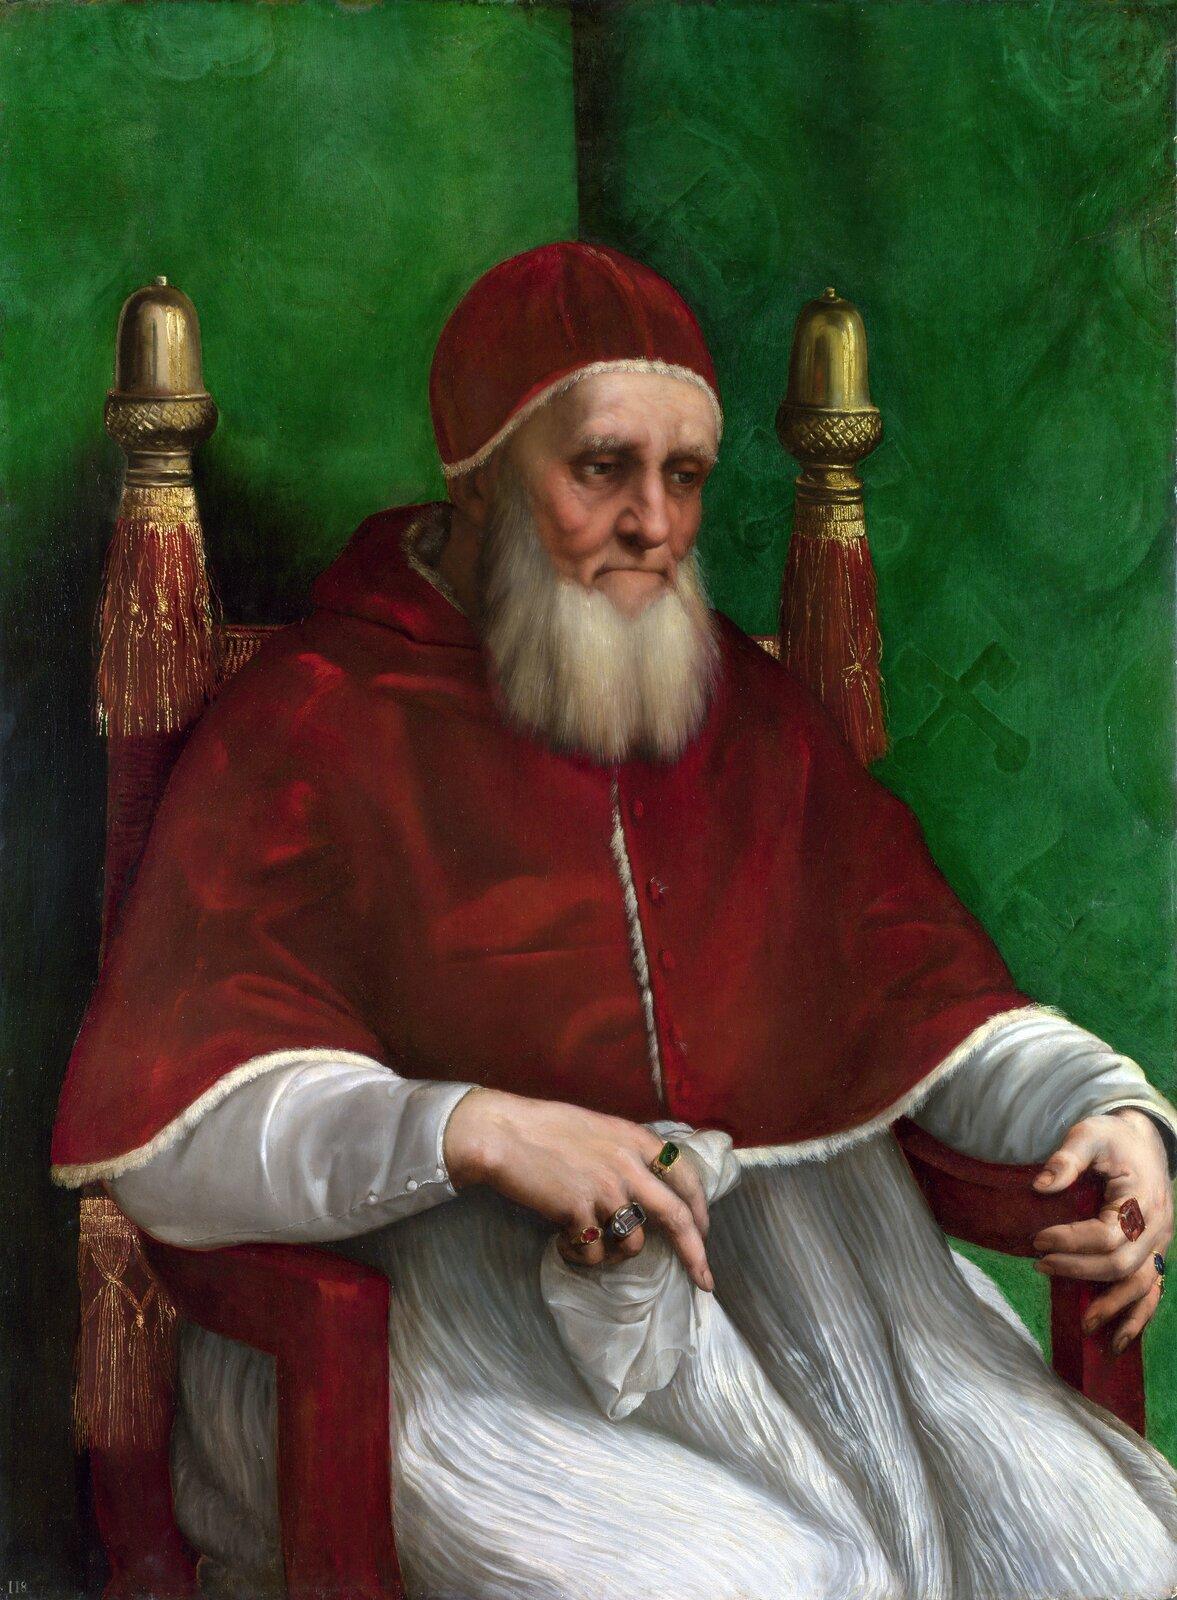 """Papież Juliusz II Obrazpt. """"Papież Juliusz II"""", namalowany przez Rafaela Santi (1483–1520),powstał prawdopodobnie ok. 1511-1512; oryginał przechowywany jestwNational Galery wLondynie. Źródło: Raphael Santi, Papież Juliusz II, 1511, olej na topoli, National Gallery, Londyn, domena publiczna."""